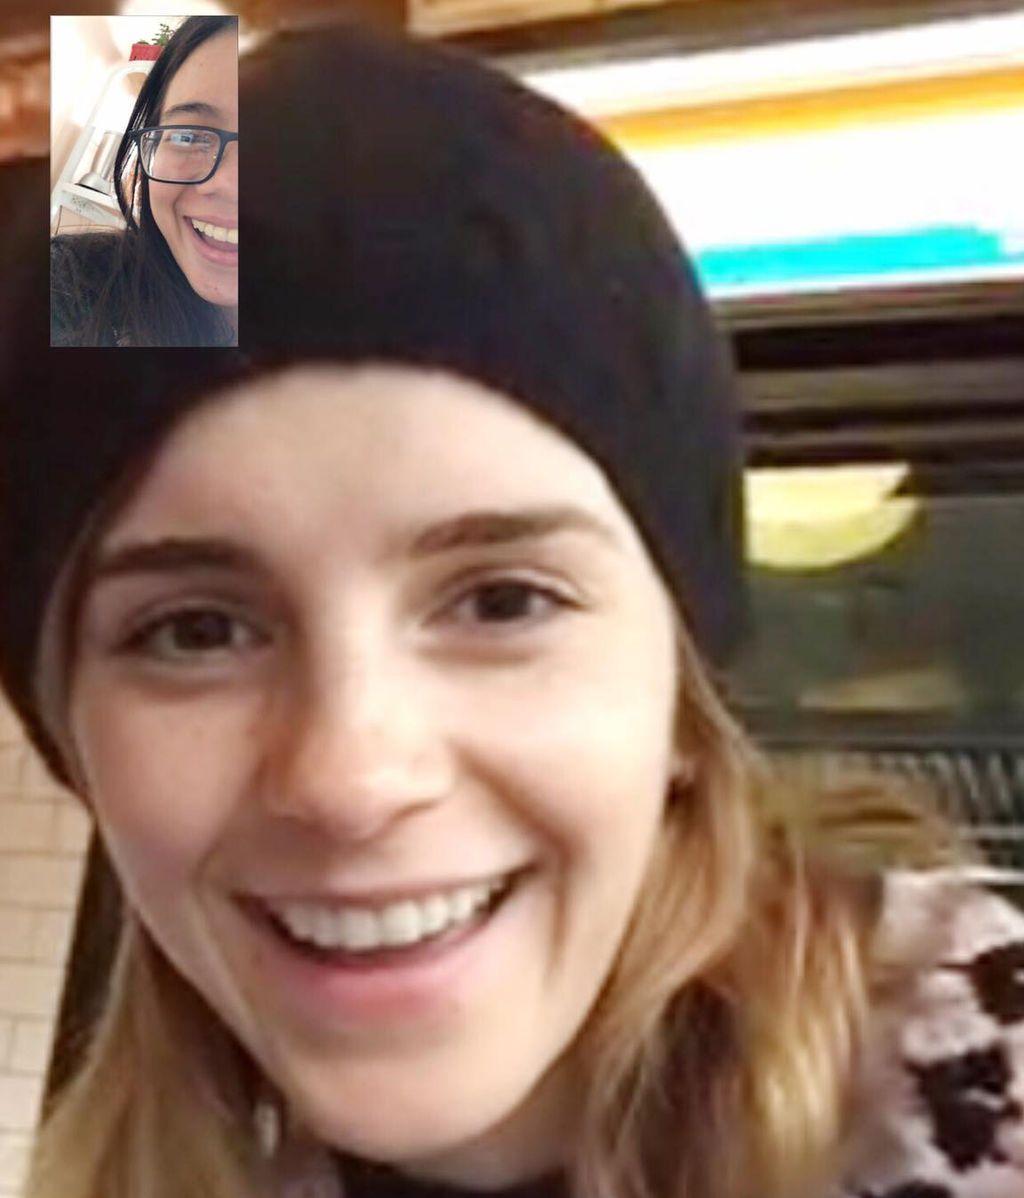 La actriz Emma Watson sorprende a una fan que estudiaba para un examen